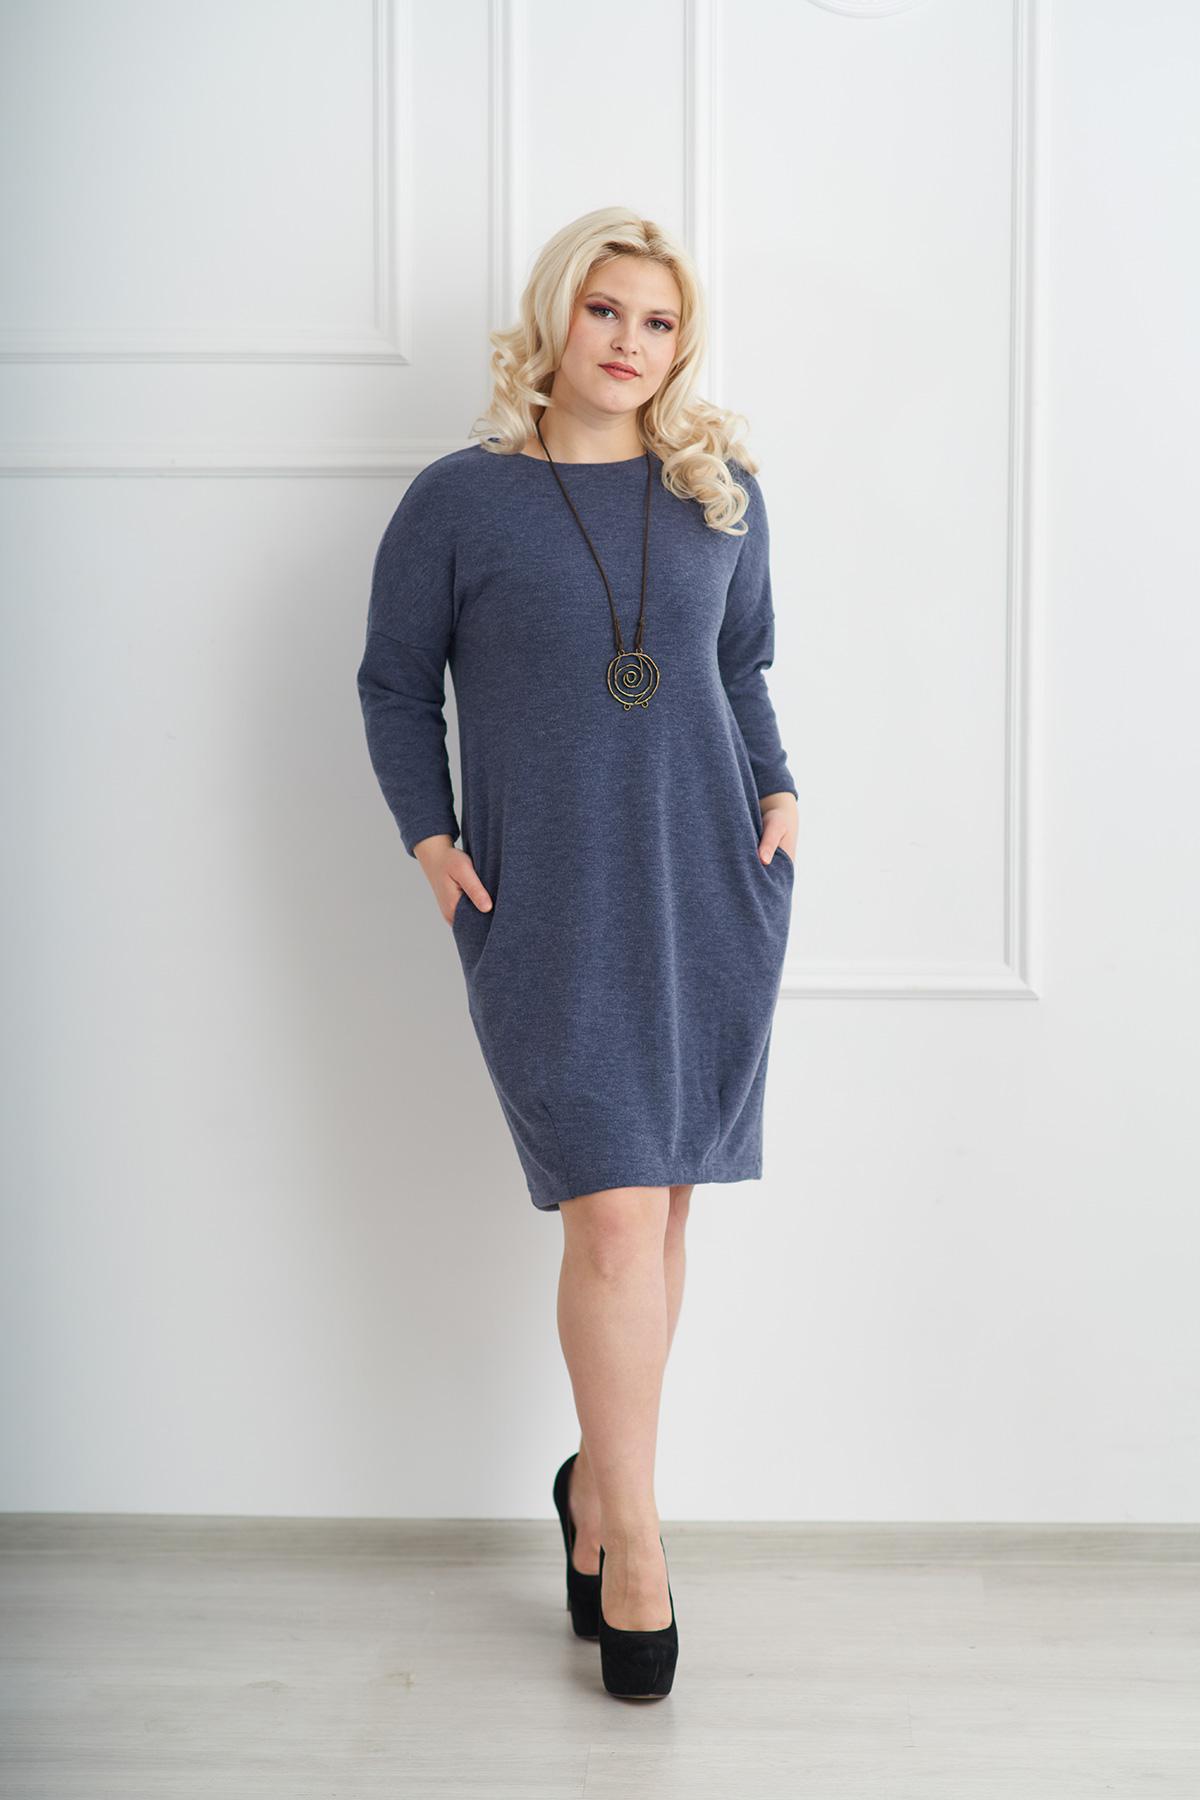 Жен. платье арт. 19-0075 Индиго р. 58Платья<br>Факт. ОГ: 118 см <br>Факт. ОТ: 120 см <br>Факт. ОБ: 124 см <br>Длина по спинке: 107 см<br><br>Тип: Жен. платье<br>Размер: 58<br>Материал: Ангора